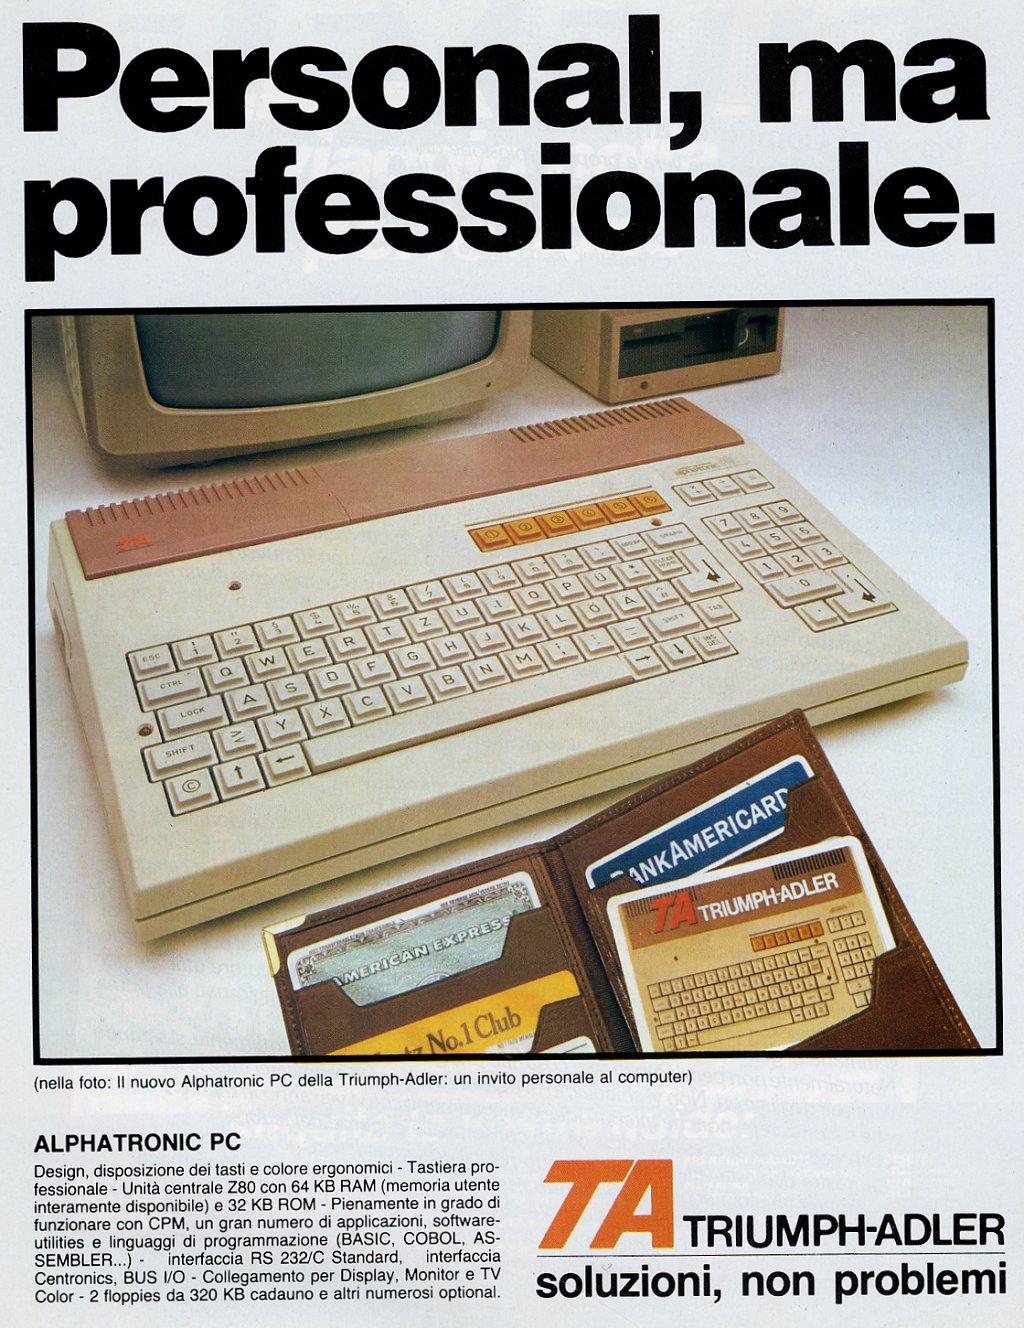 Triumph-Adler Alphatronic PC - MCbx